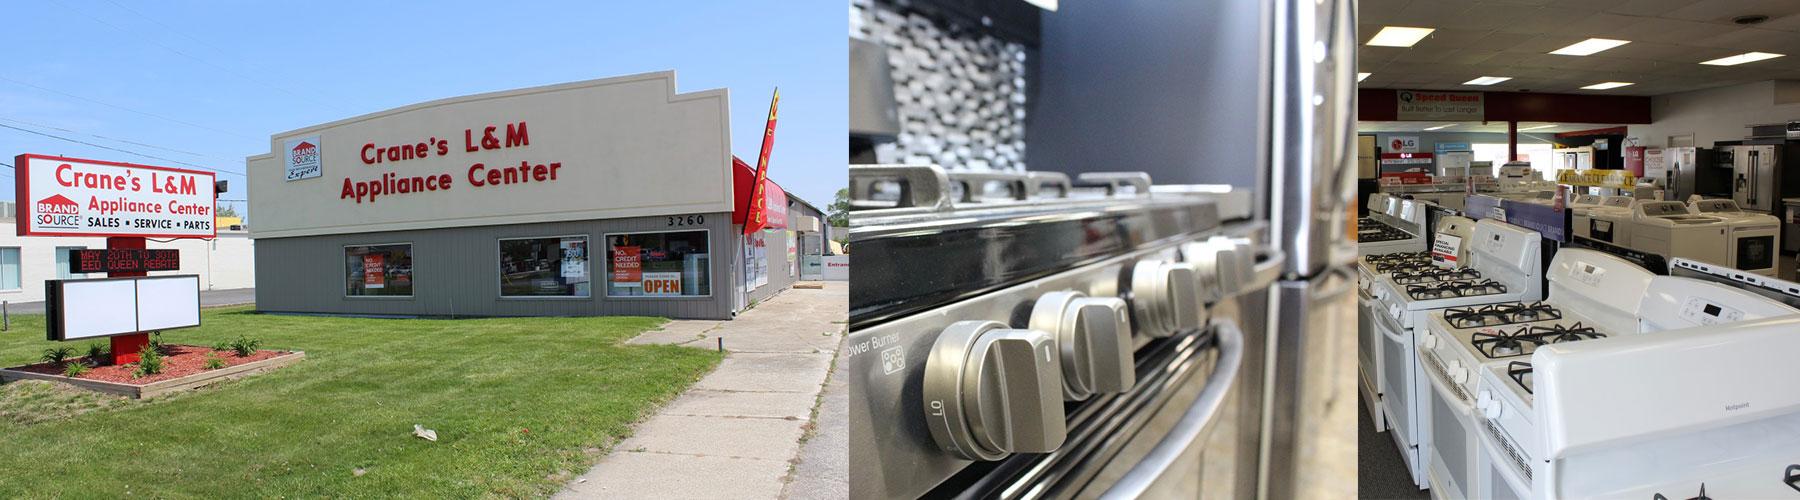 Crane's L&M Appliance Center